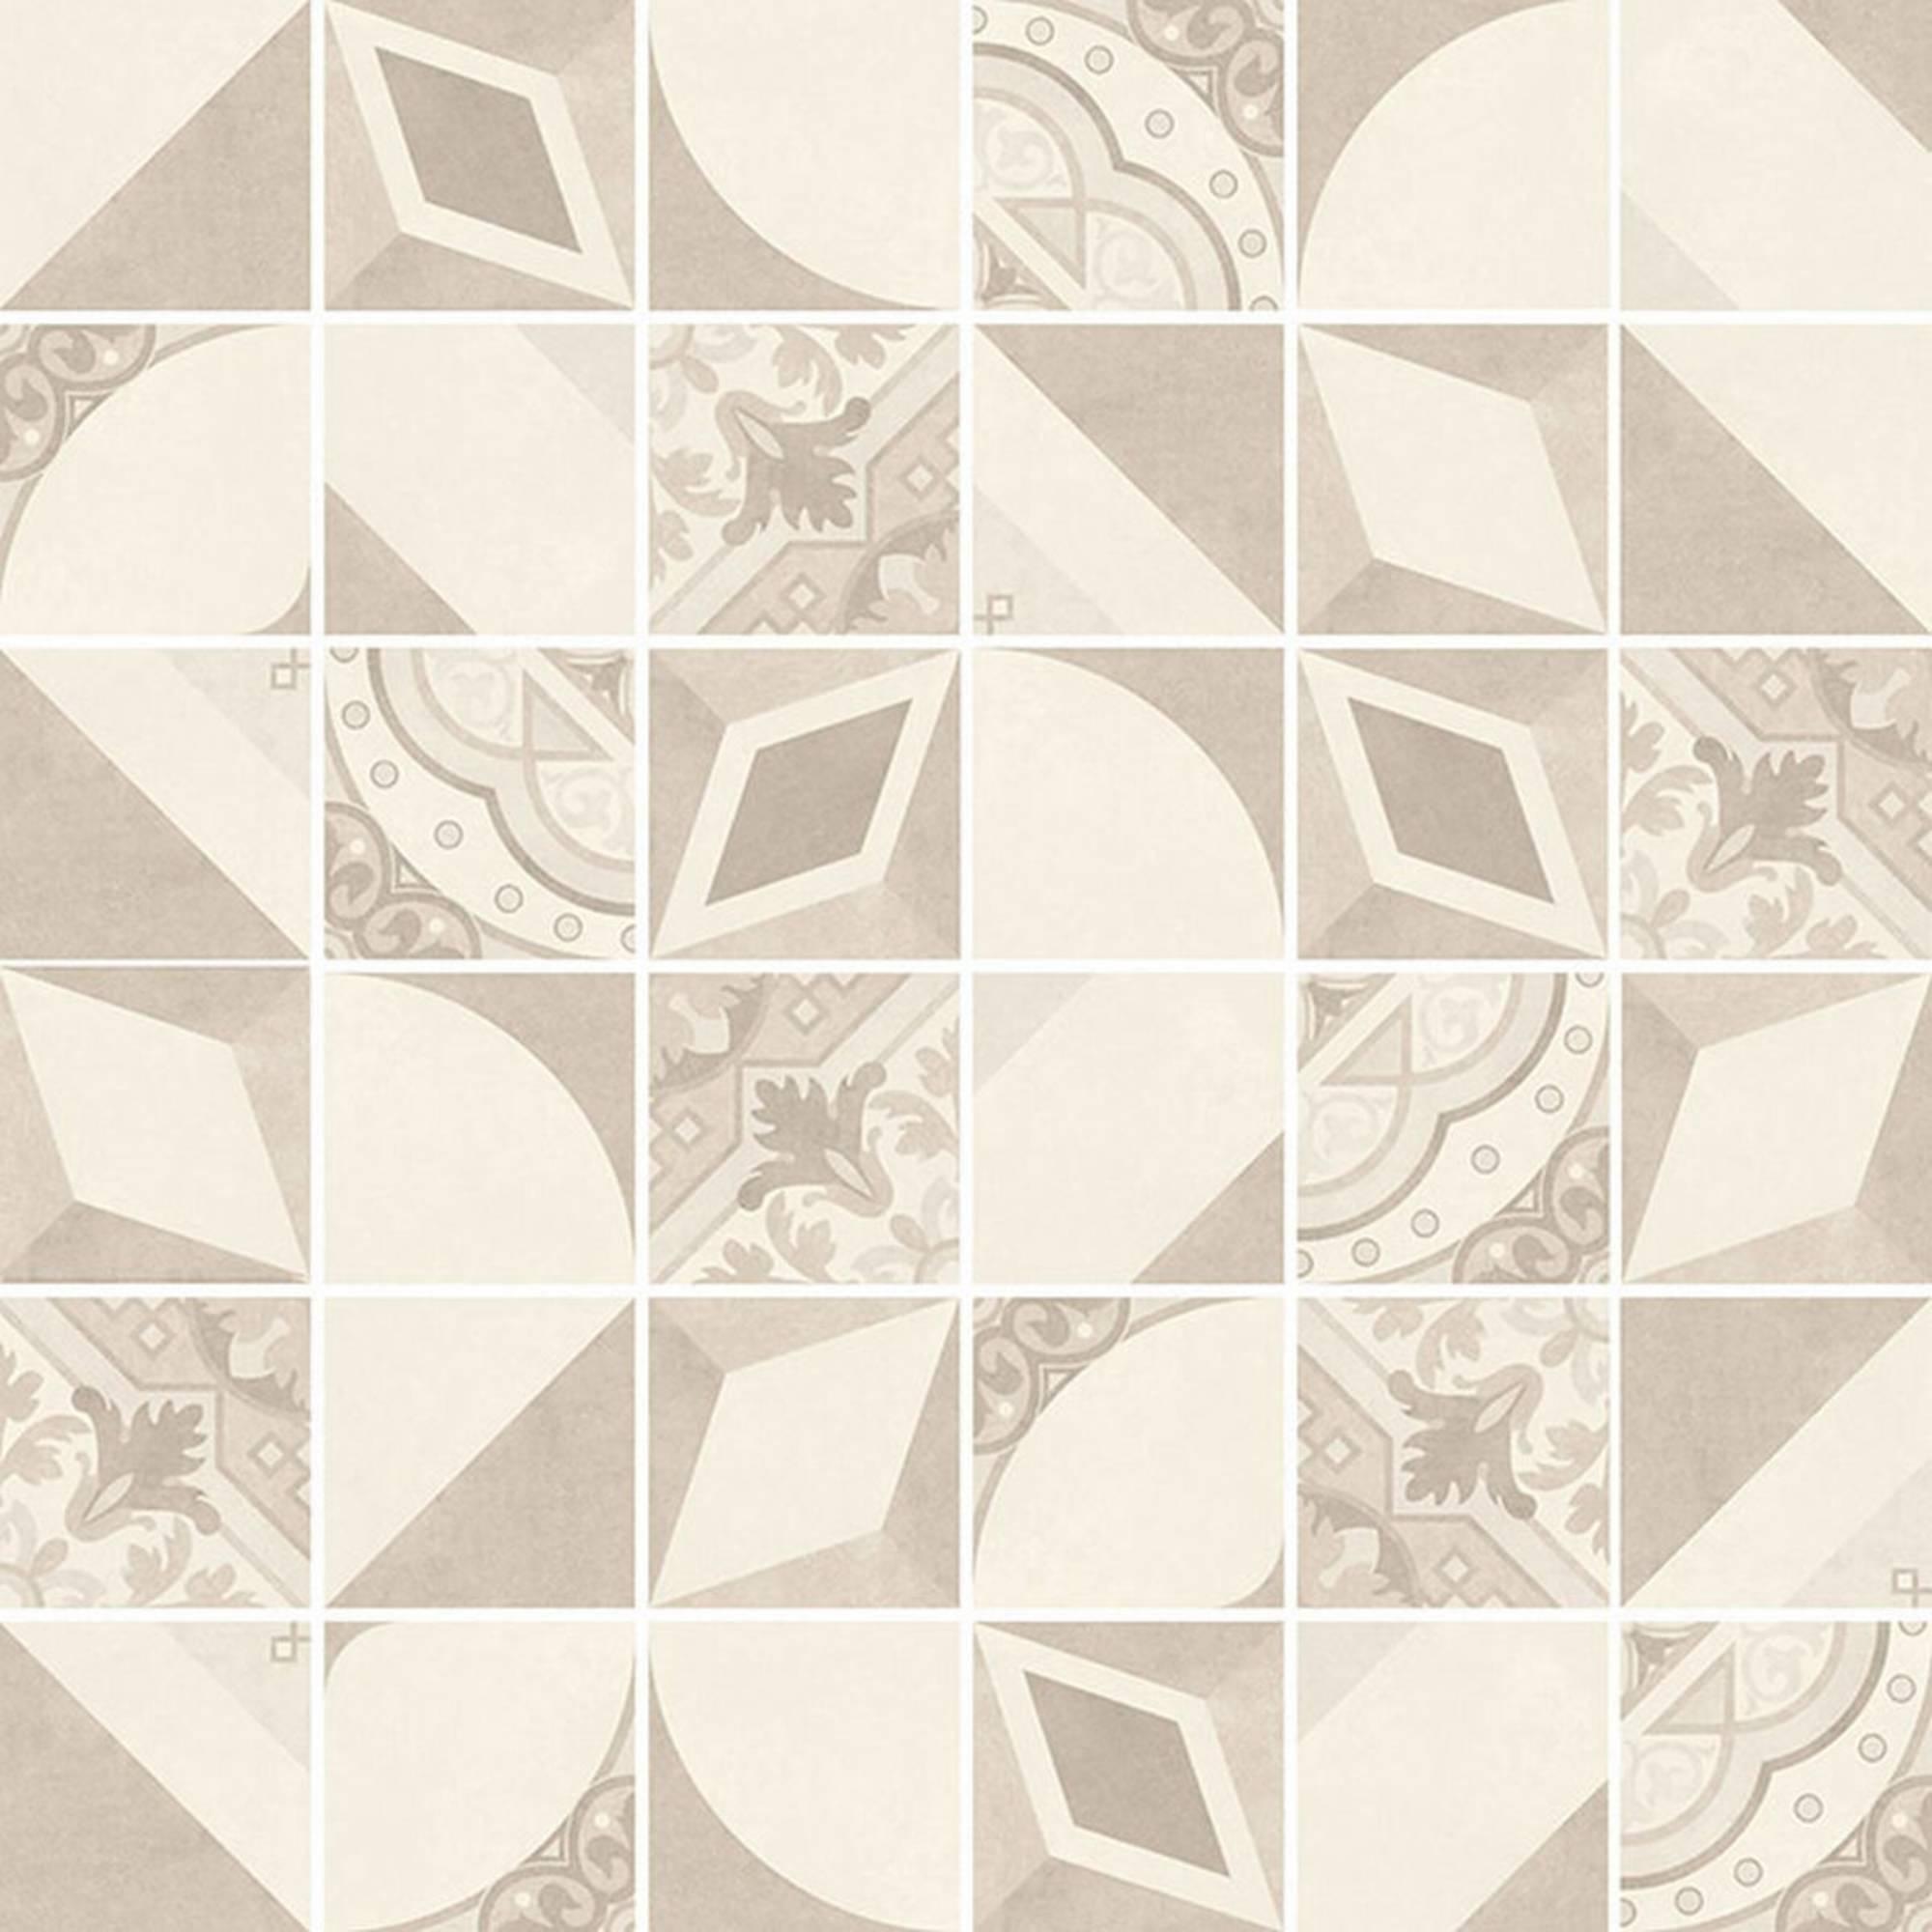 Villeroy & boch Century unlimited tegelmat 30 x 30 cm. blok 5 x 5 cm. a 11 stuks, creme